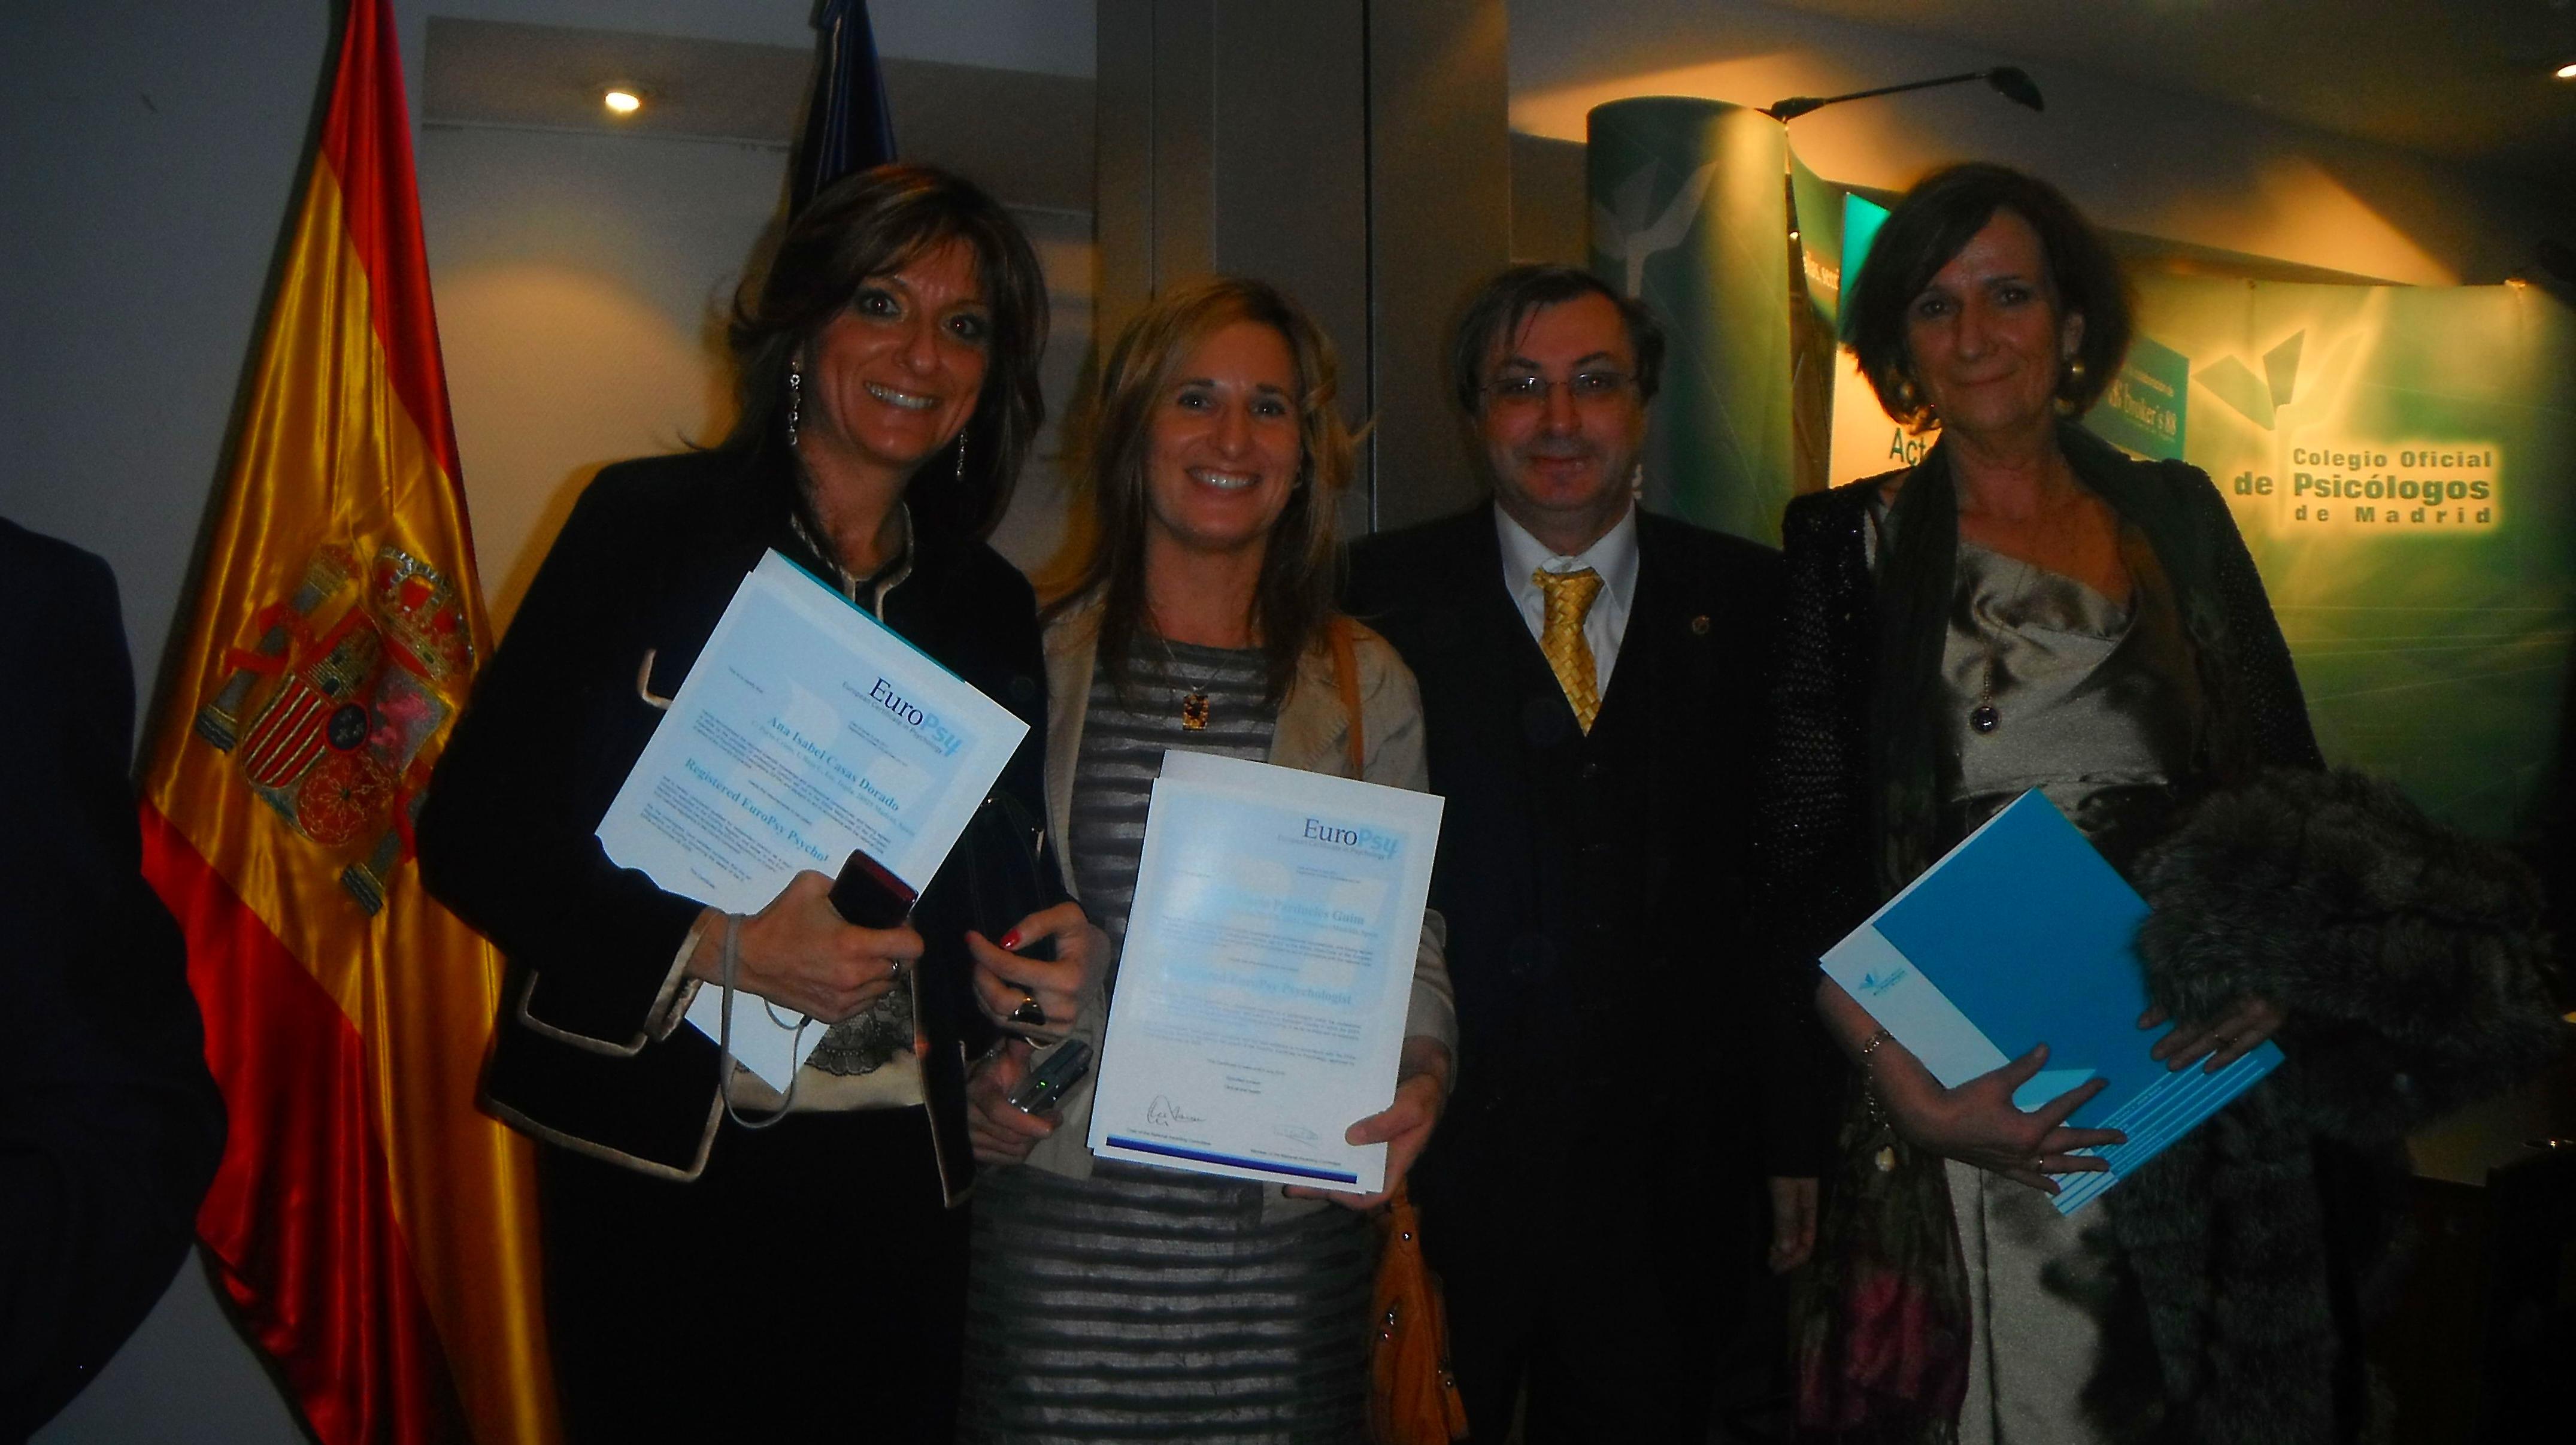 Con el Decano del Colegio Oficial de Psicólogos de Madrid y con compañeras, recogiendo el título de Expertas Europeas en Psicoterapia.